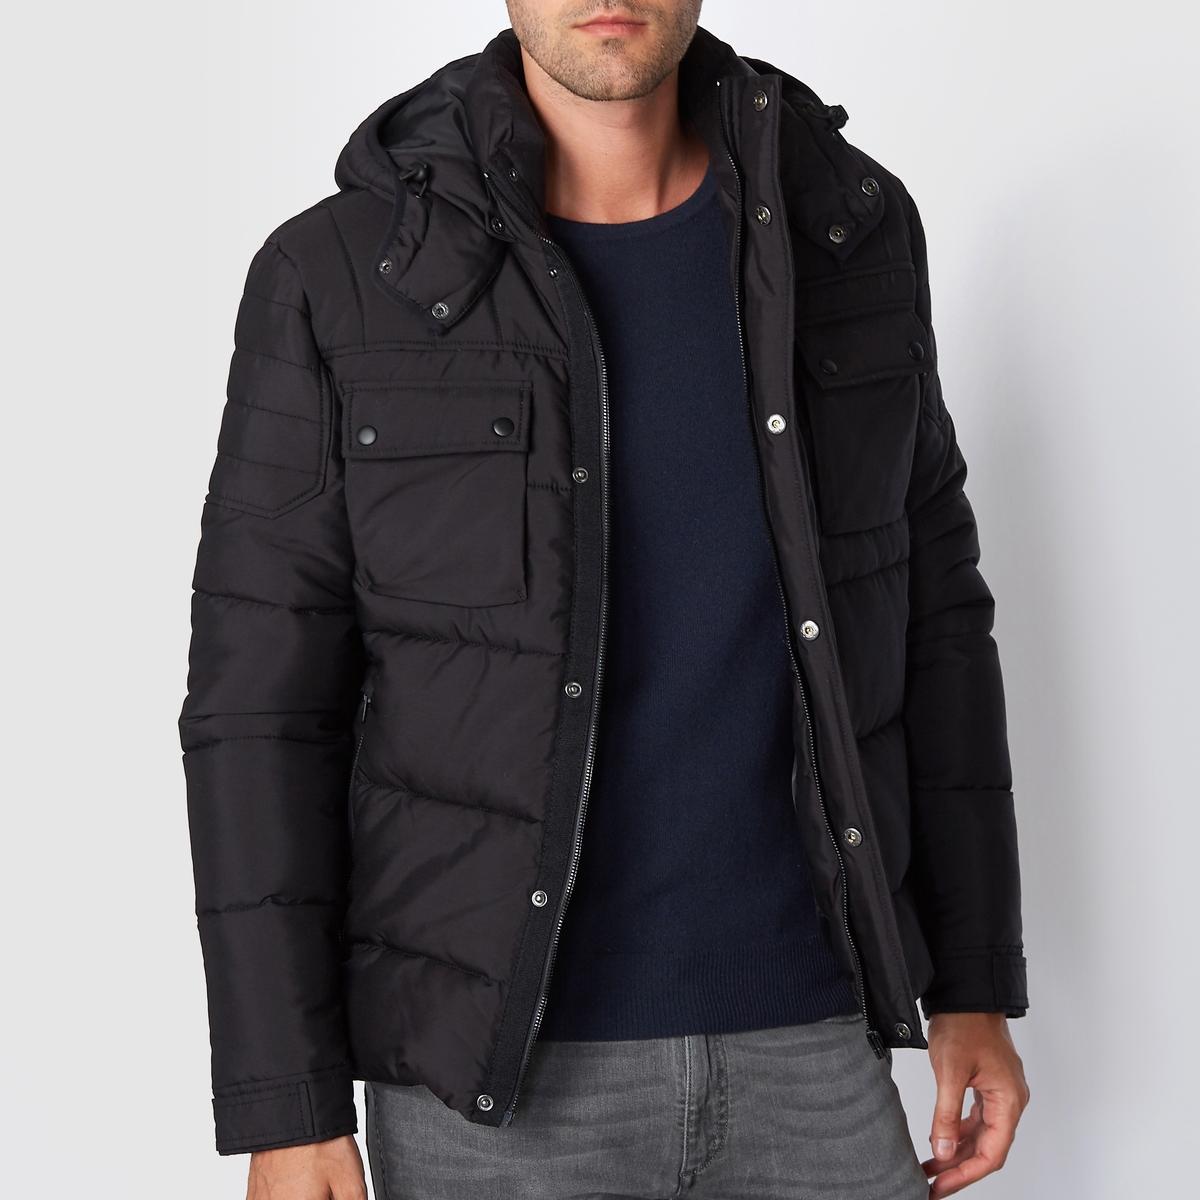 Куртка стеганая с капюшоном со стеганым эффектомВставка на плечах. Состав и описаниеМатериал : 100% полиэстерМарка : JACK &amp; JONES<br><br>Цвет: черный<br>Размер: L